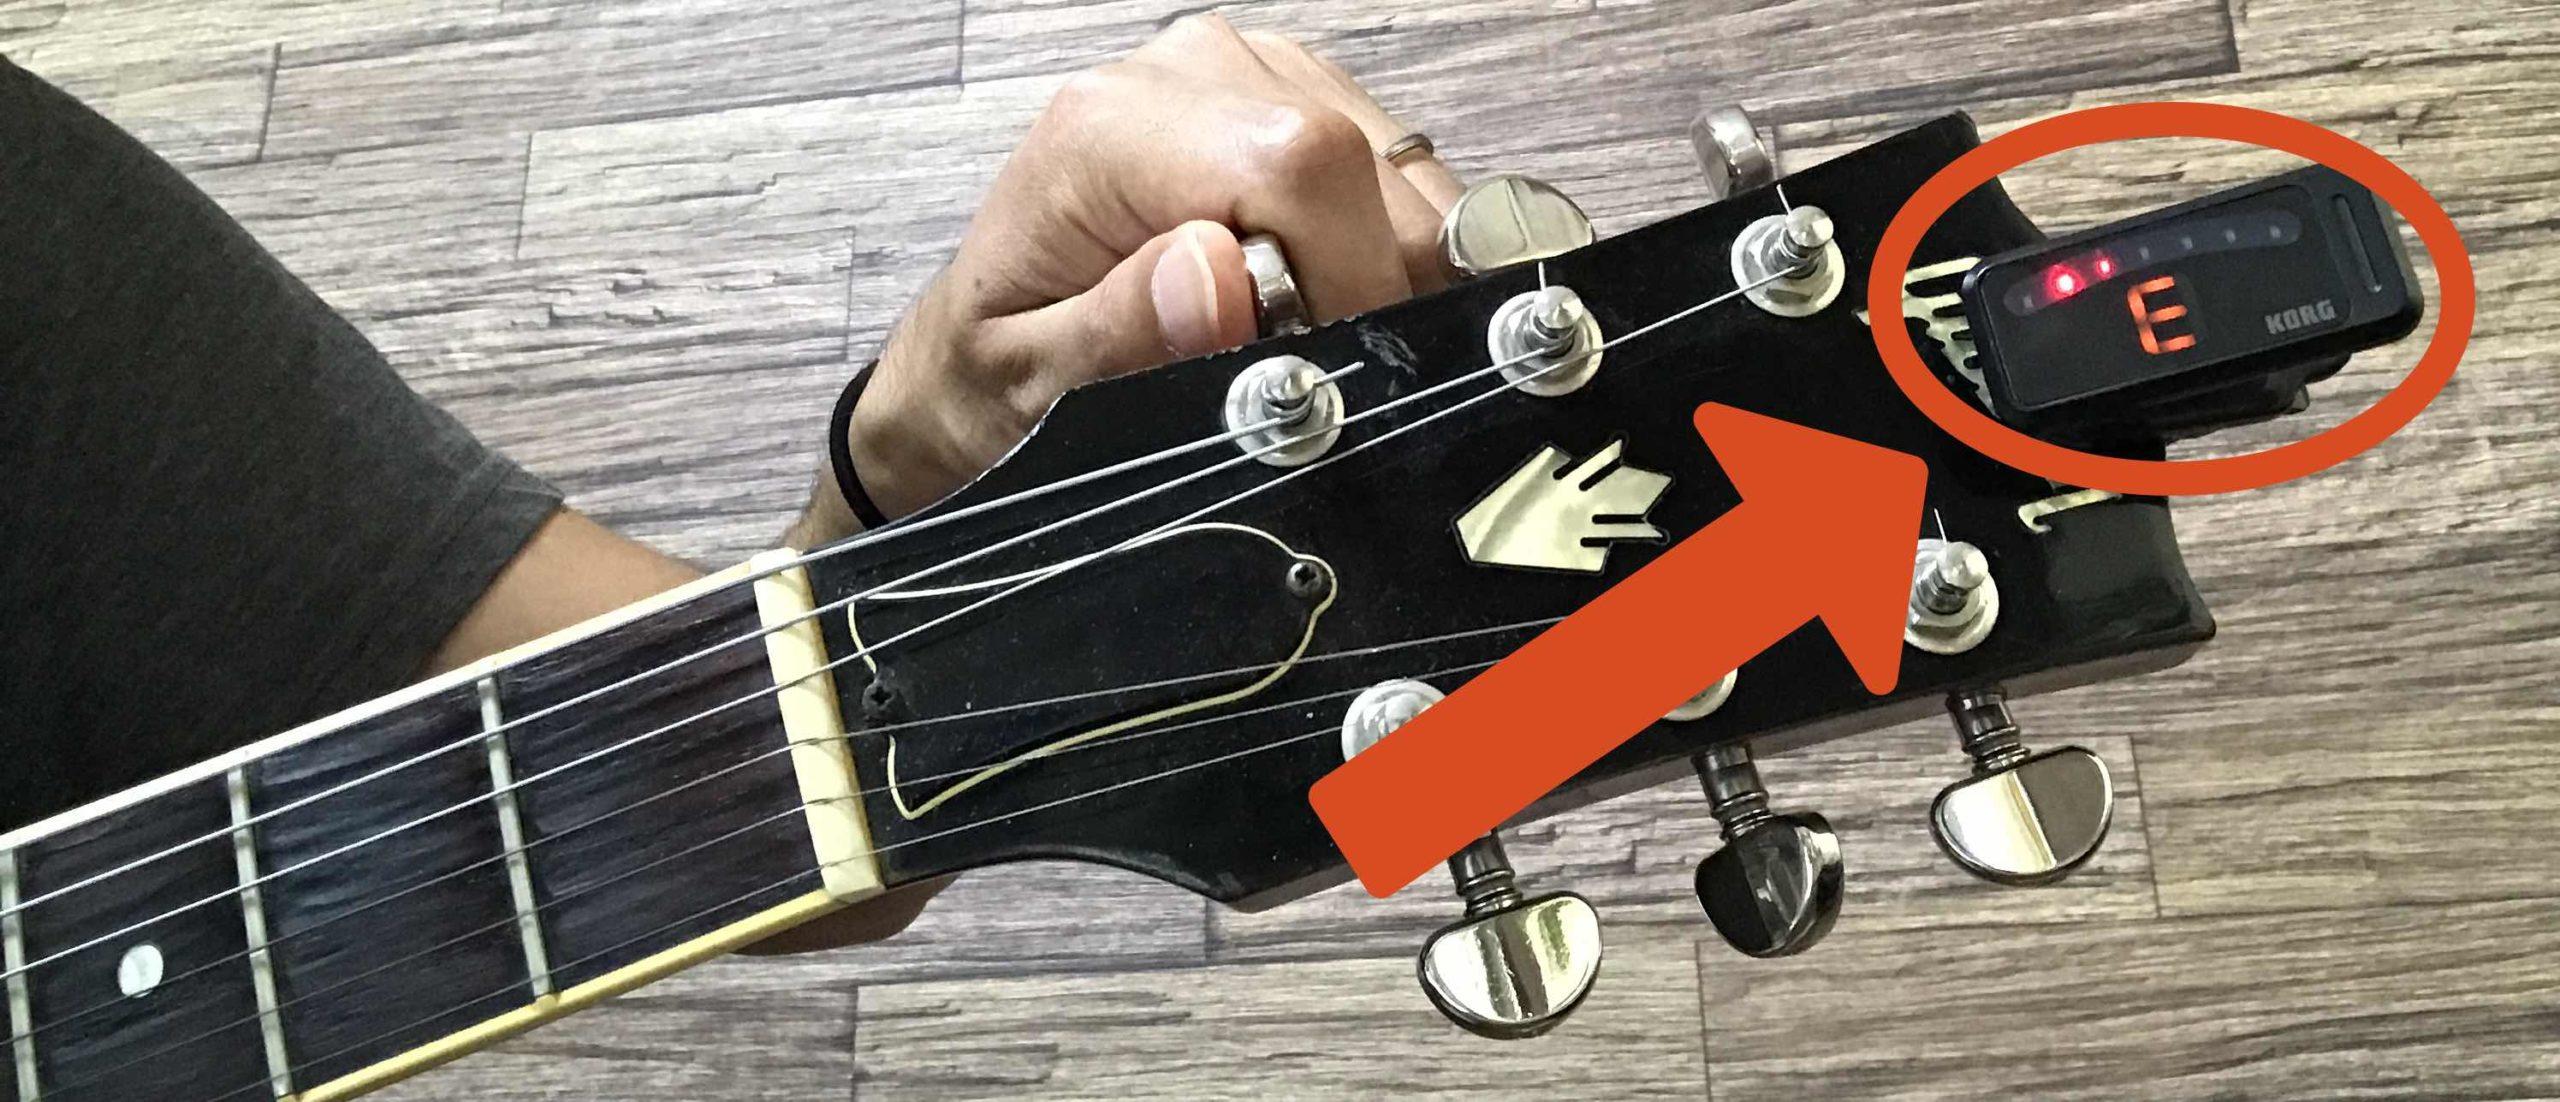 ギターチューニングの手順②: チューニングを合わせる